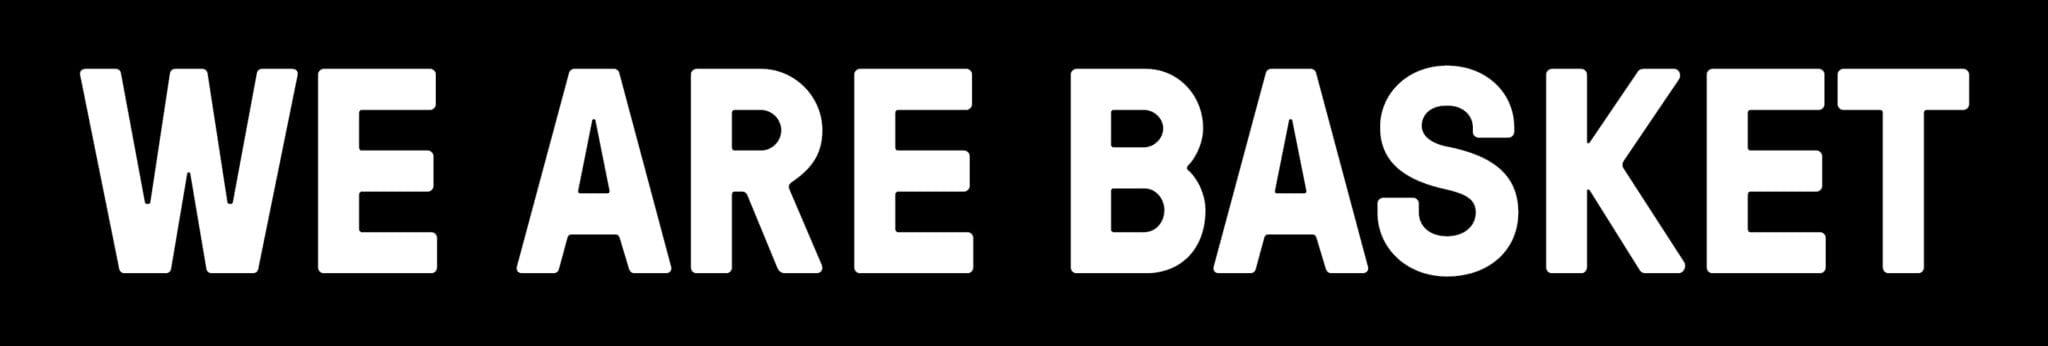 WEAREBASKET_logo-3